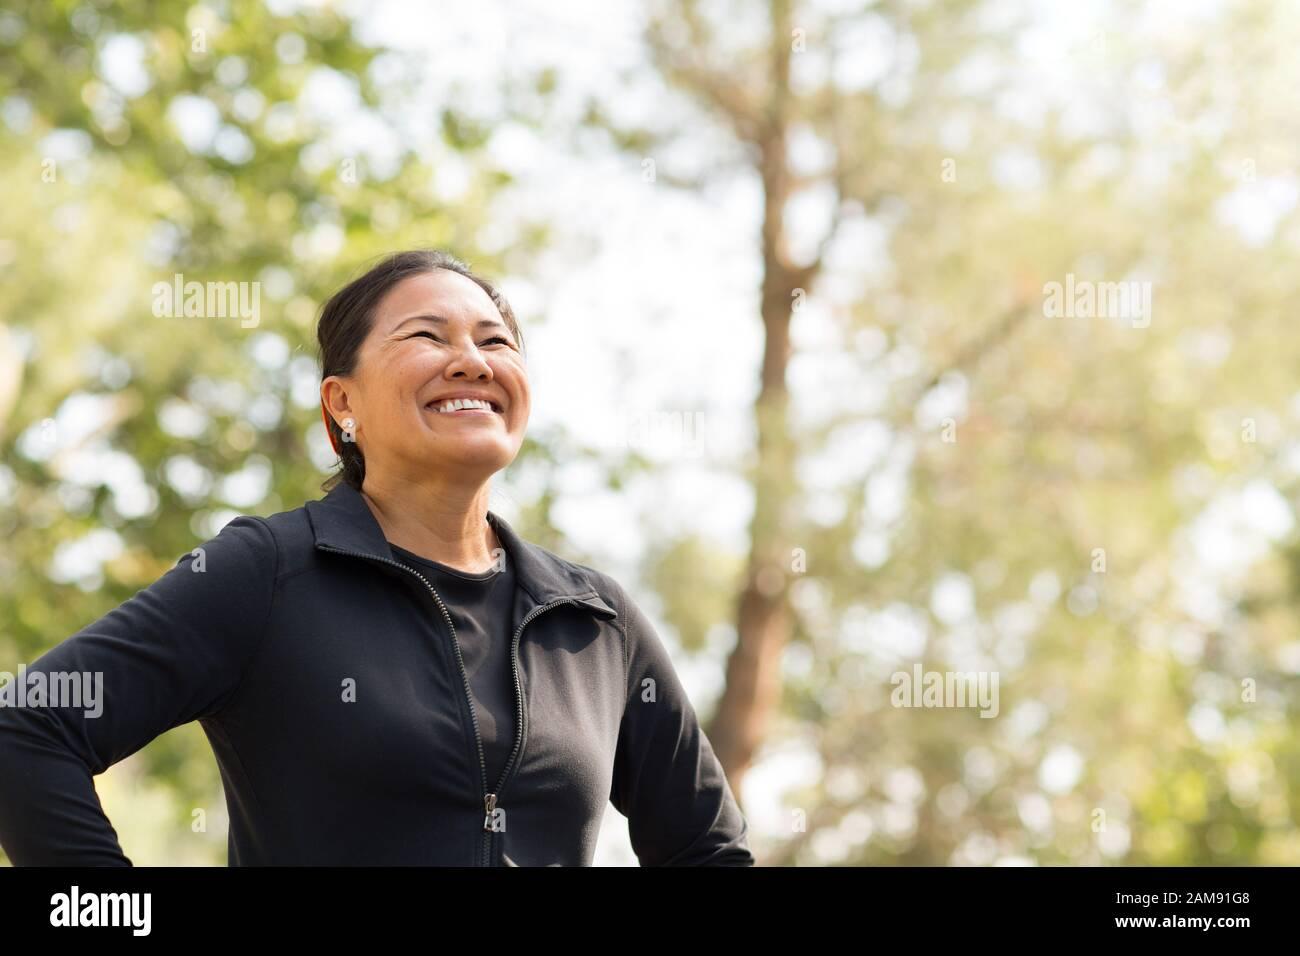 Portrait von einer asiatischen Frau trainieren. Stockfoto